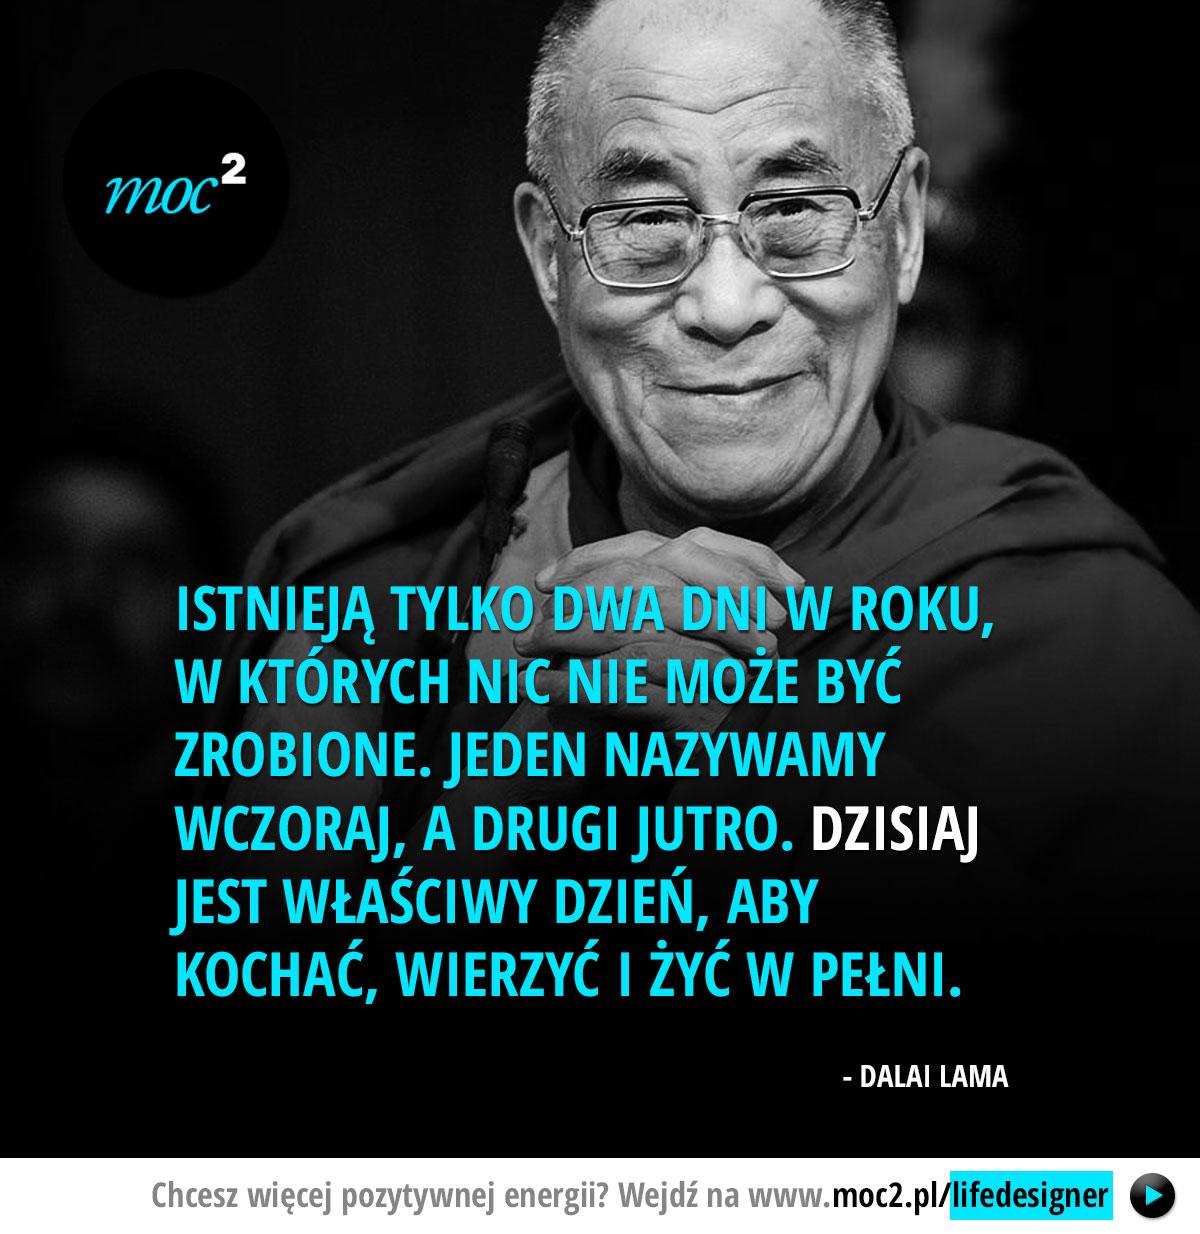 Istnieją tylko dwa dni w roku, w których nic nie może być zrobione. Jeden nazywamy wczoraj, a drugi jutro. Dzisiaj jest właściwy dzień, aby kochać, wierzyć i żyć w pełni. - Dalai Lama